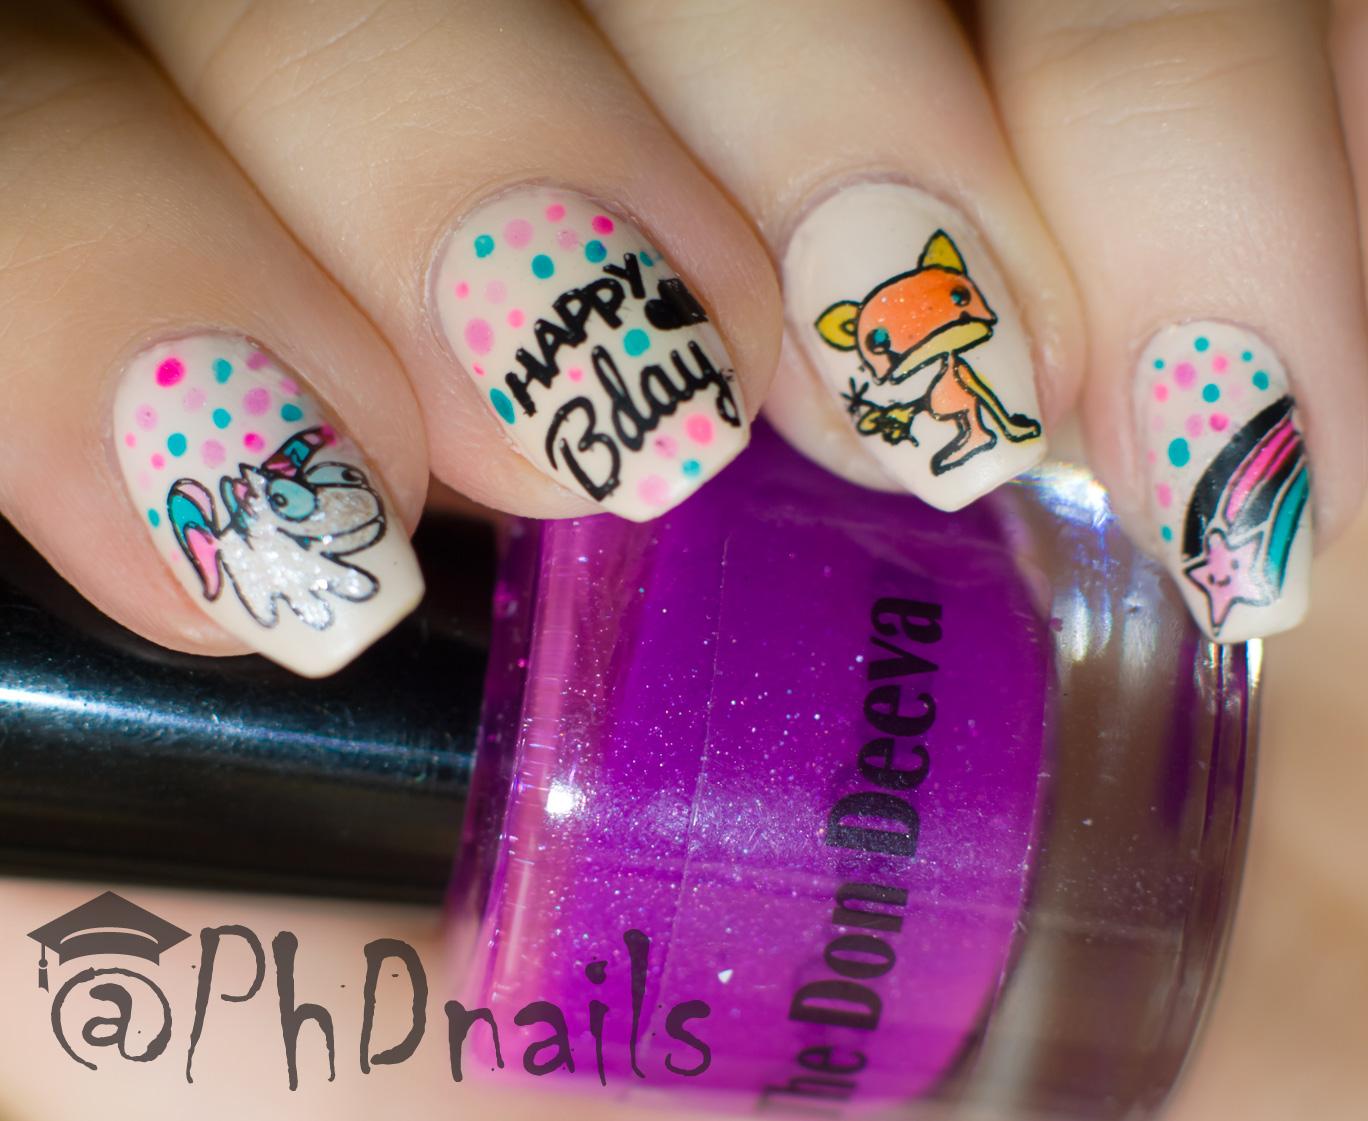 PhD nails: \